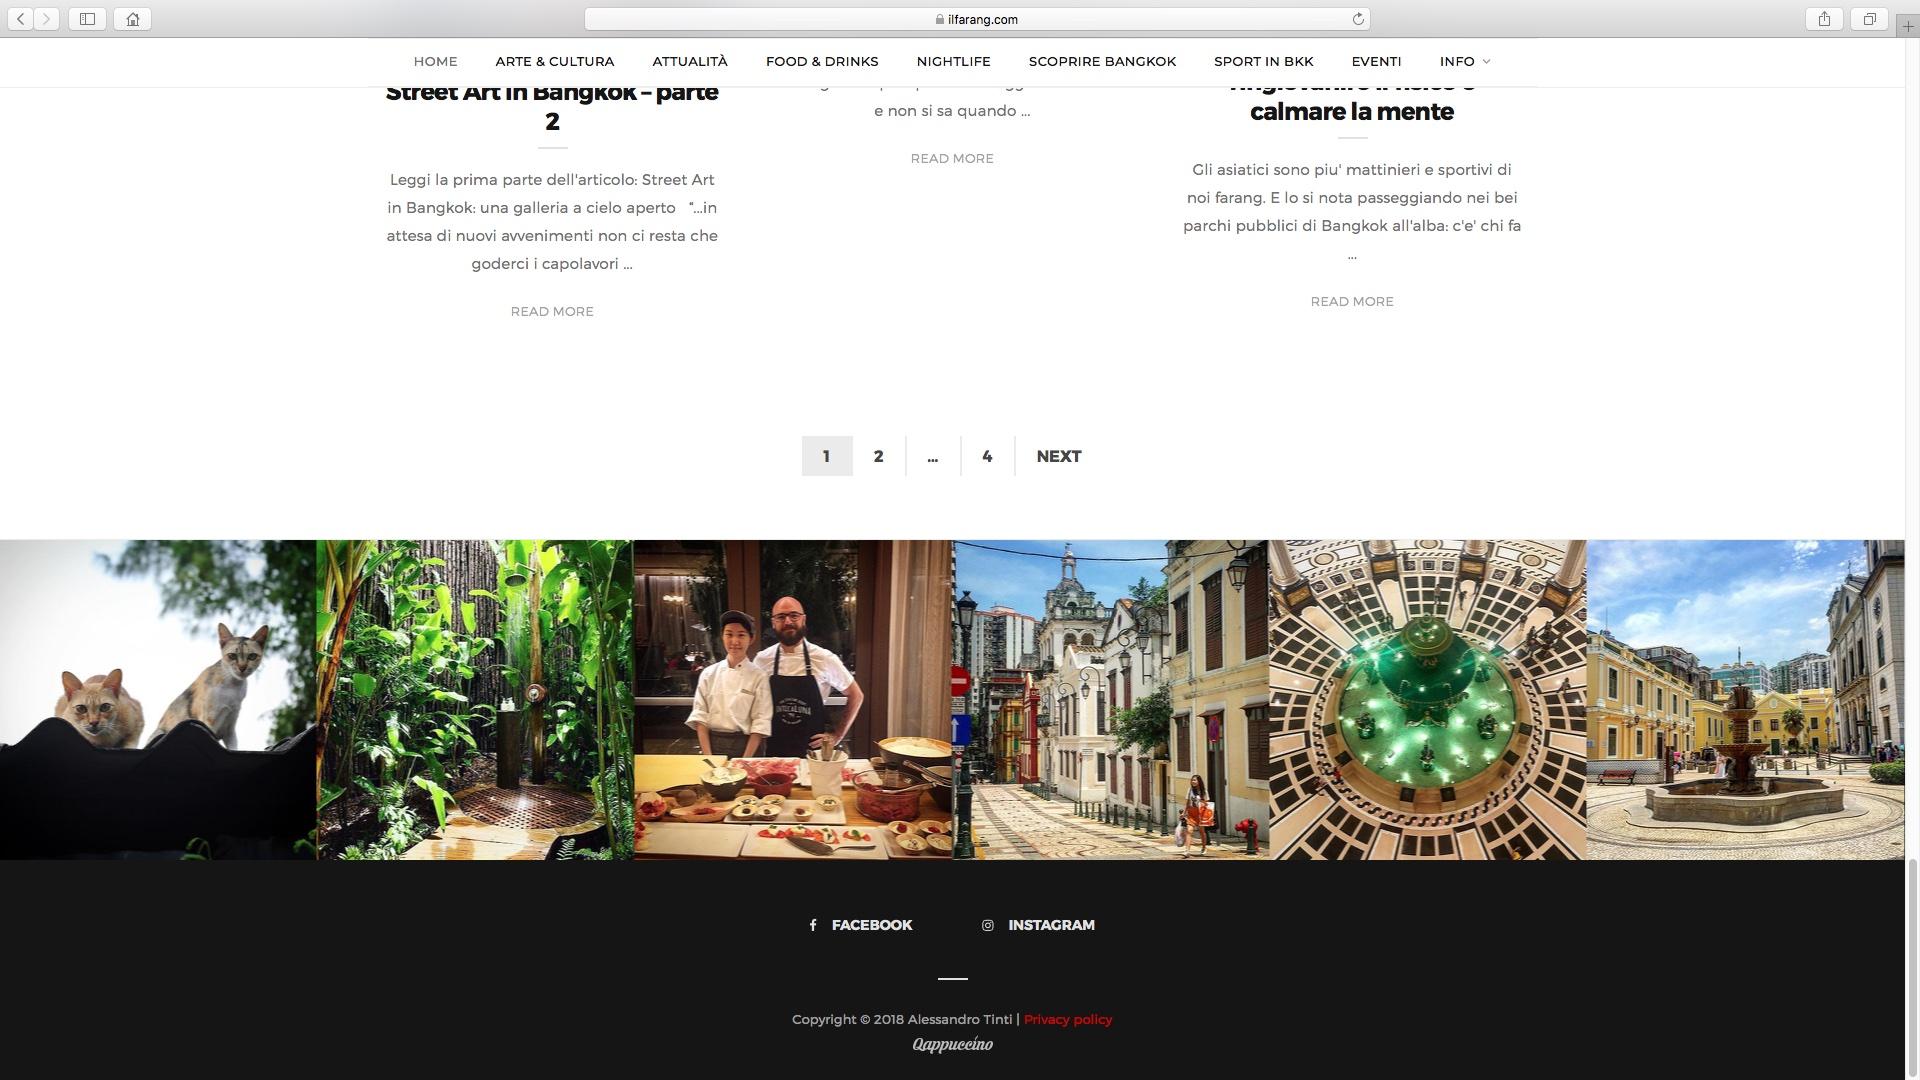 realizzazione-siti-web-internet-brescia-blog_qappuccino_4